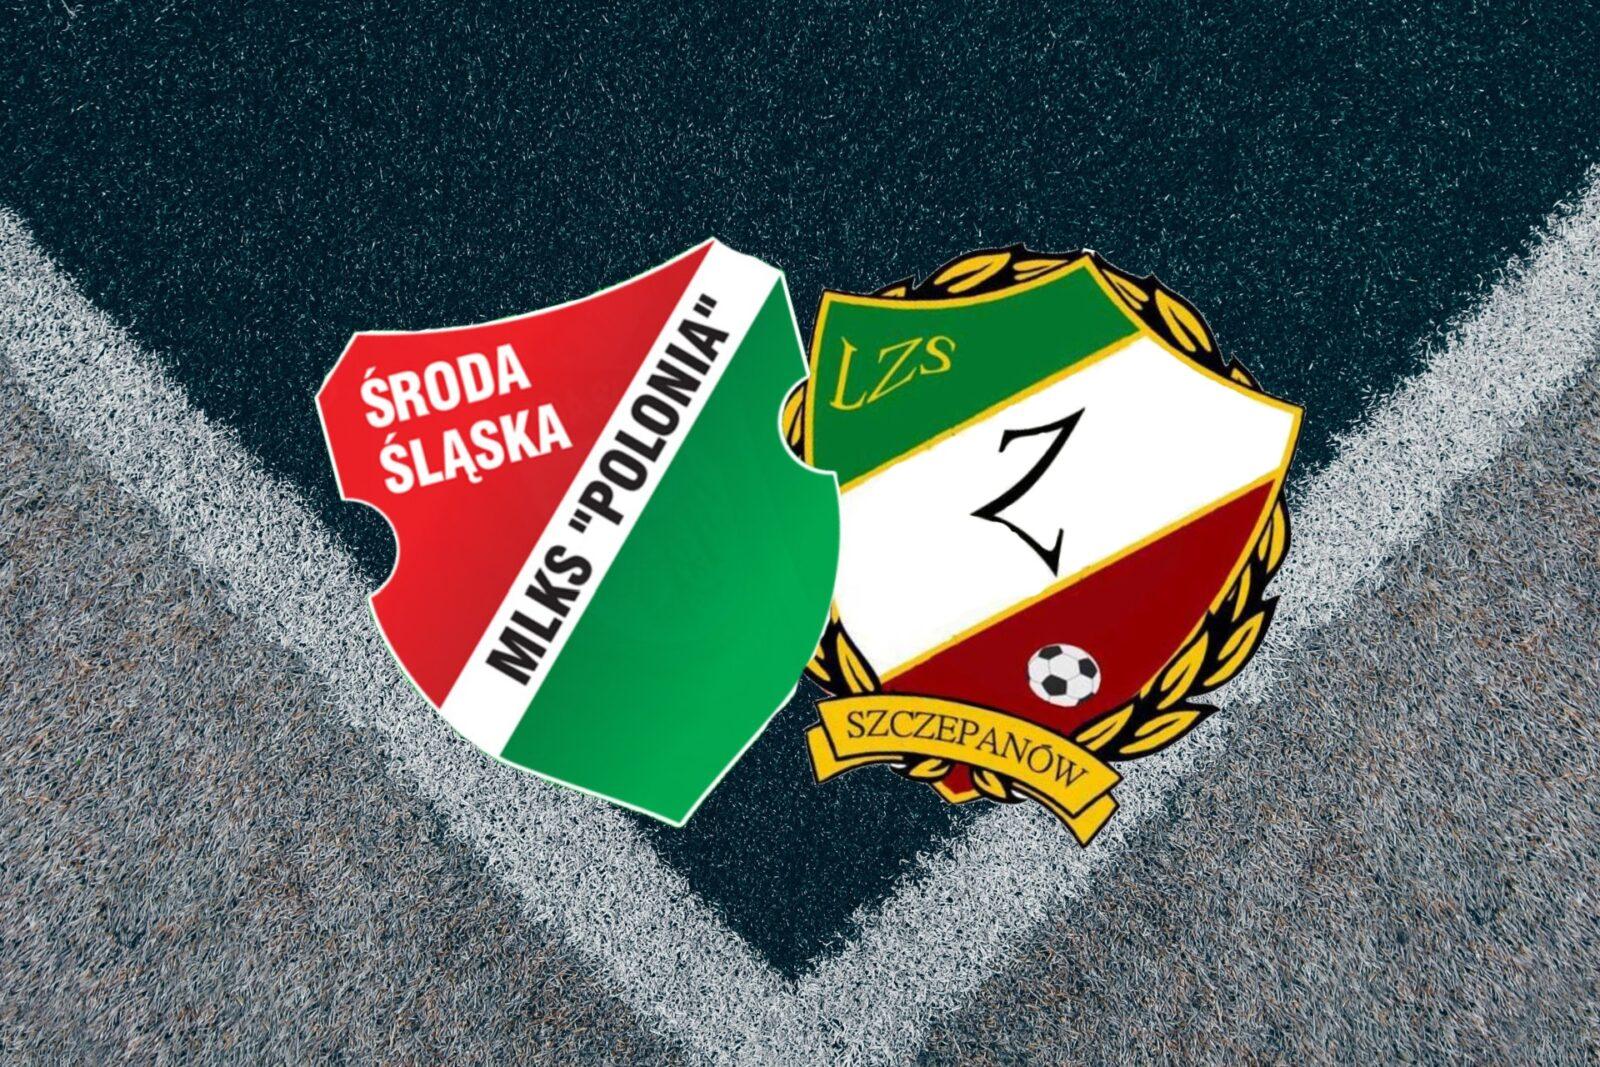 Szykuje się duża fuzja dwóch klubów pod Wrocławiem